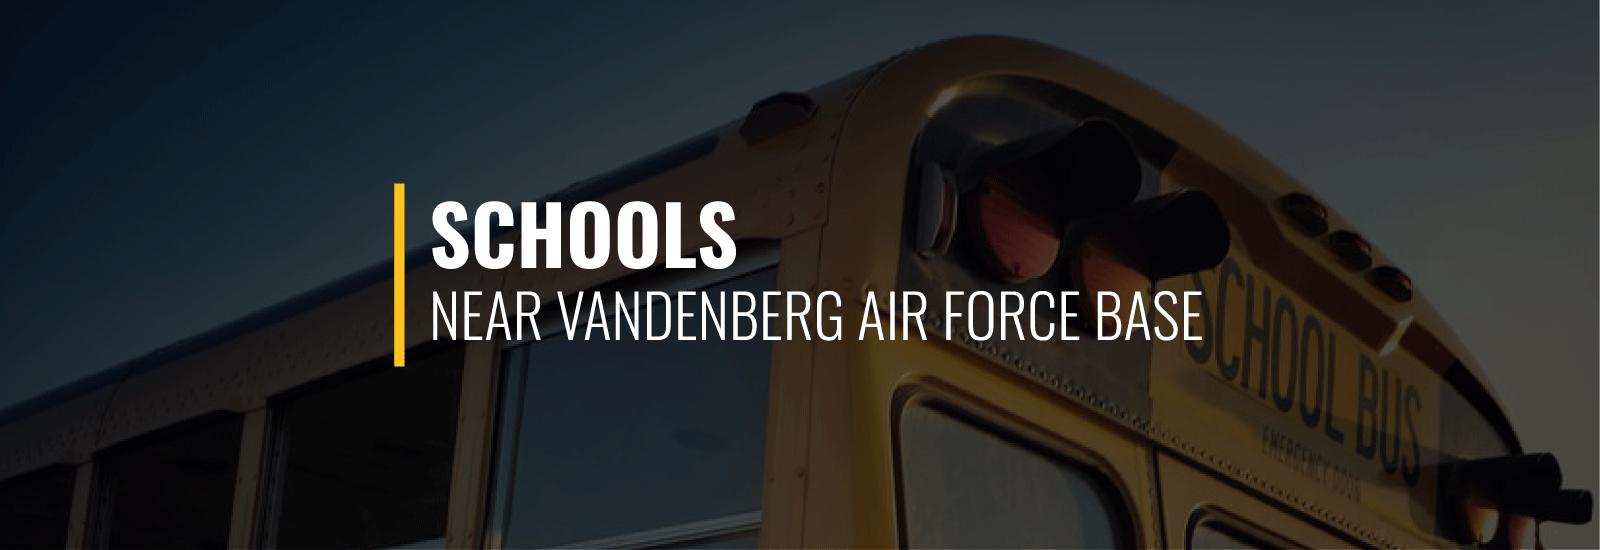 Vandenberg AFB Schools